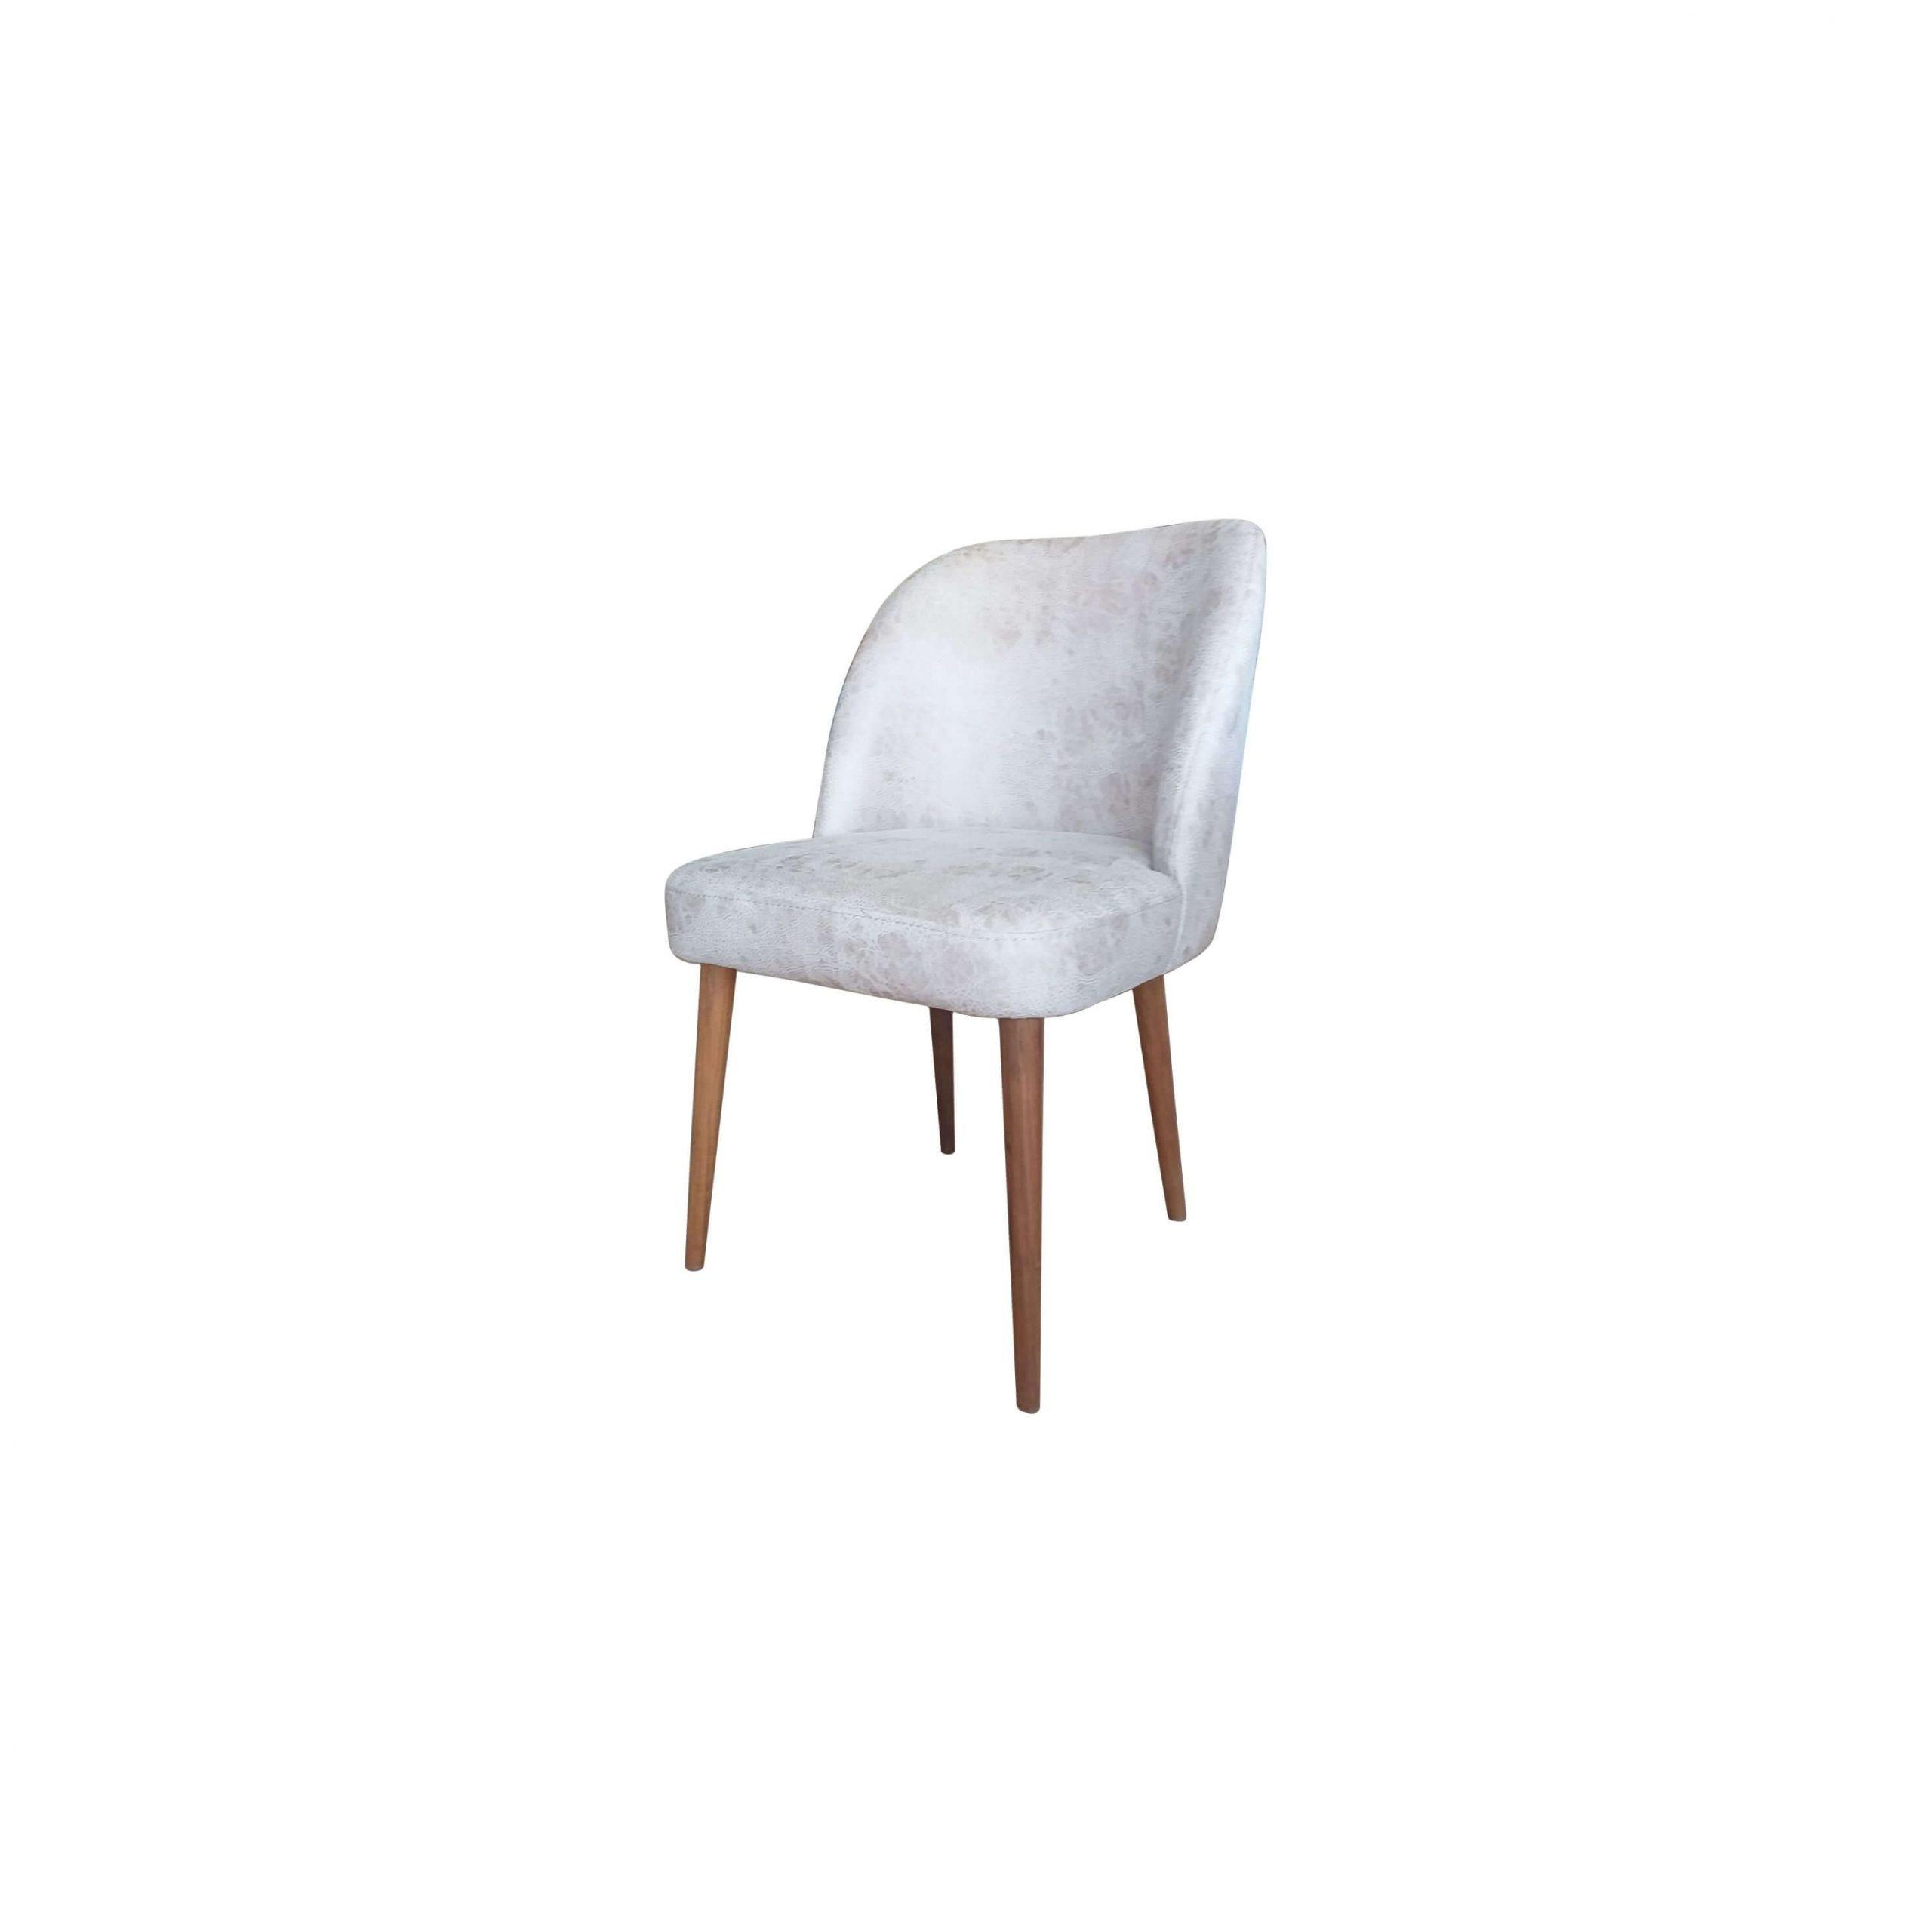 silla guimares fondo blanco